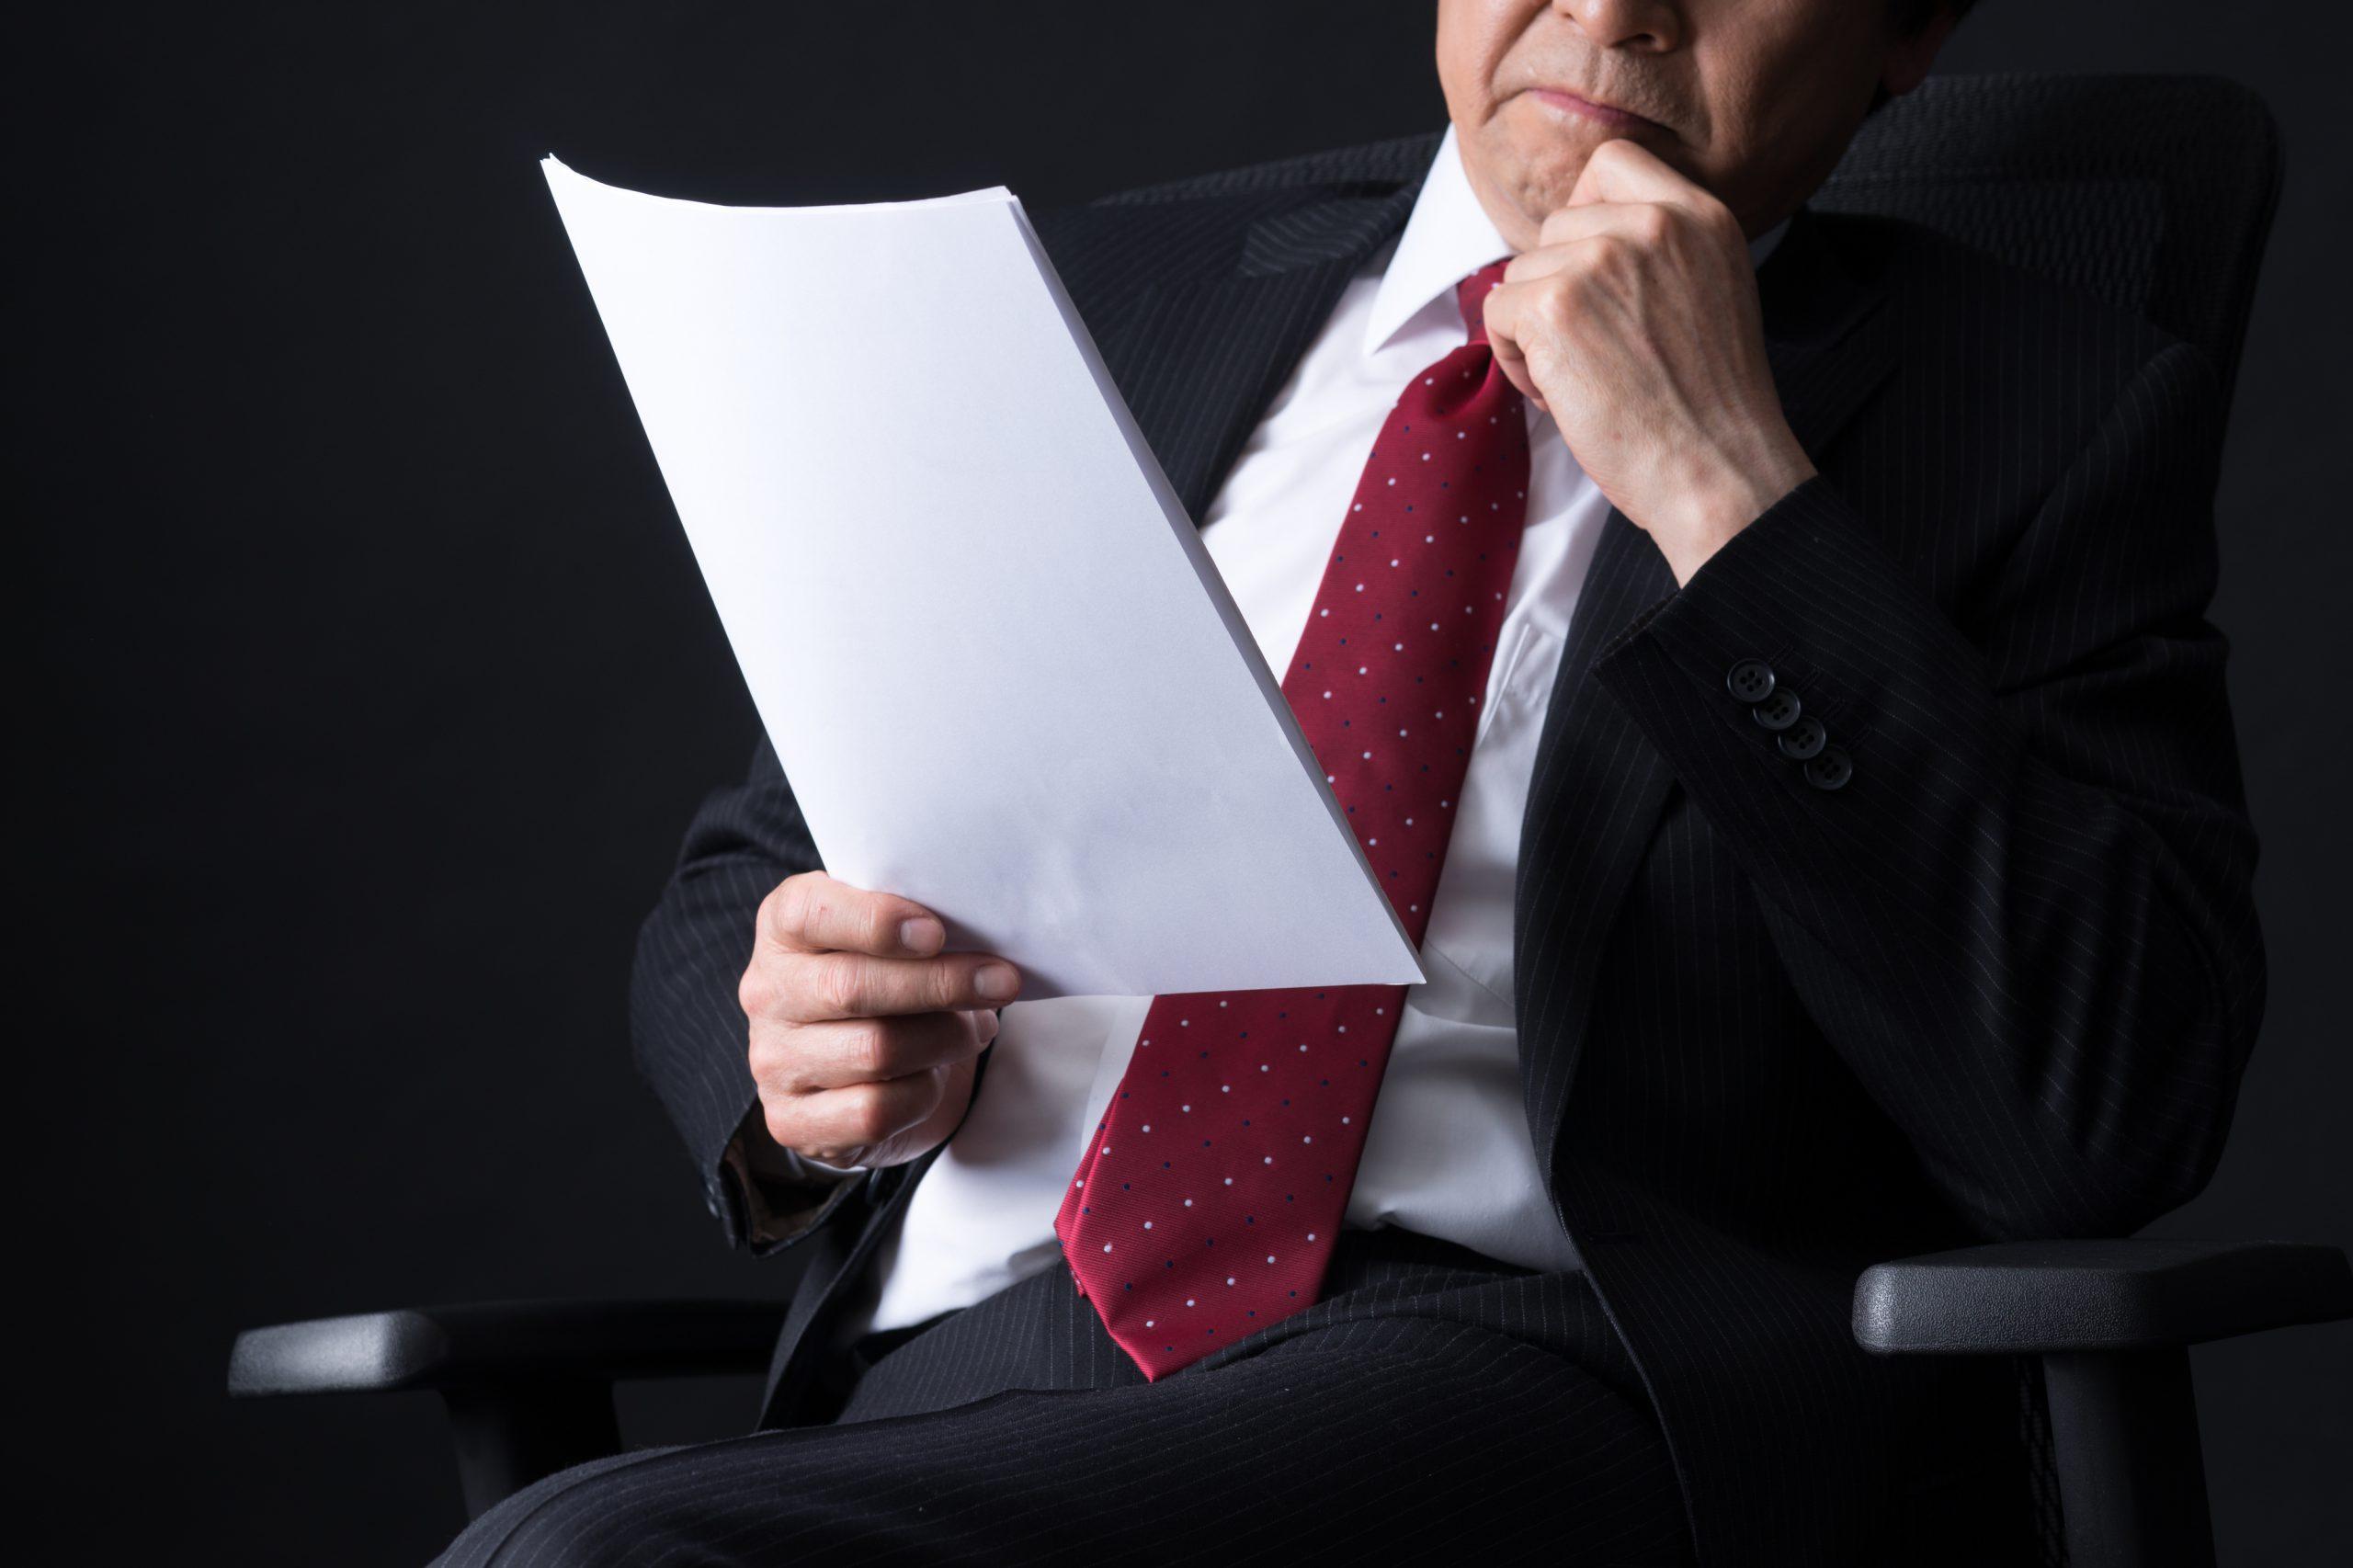 データ分析チームをつくろう(その3):企業経営者の方にお伝えしたいこと